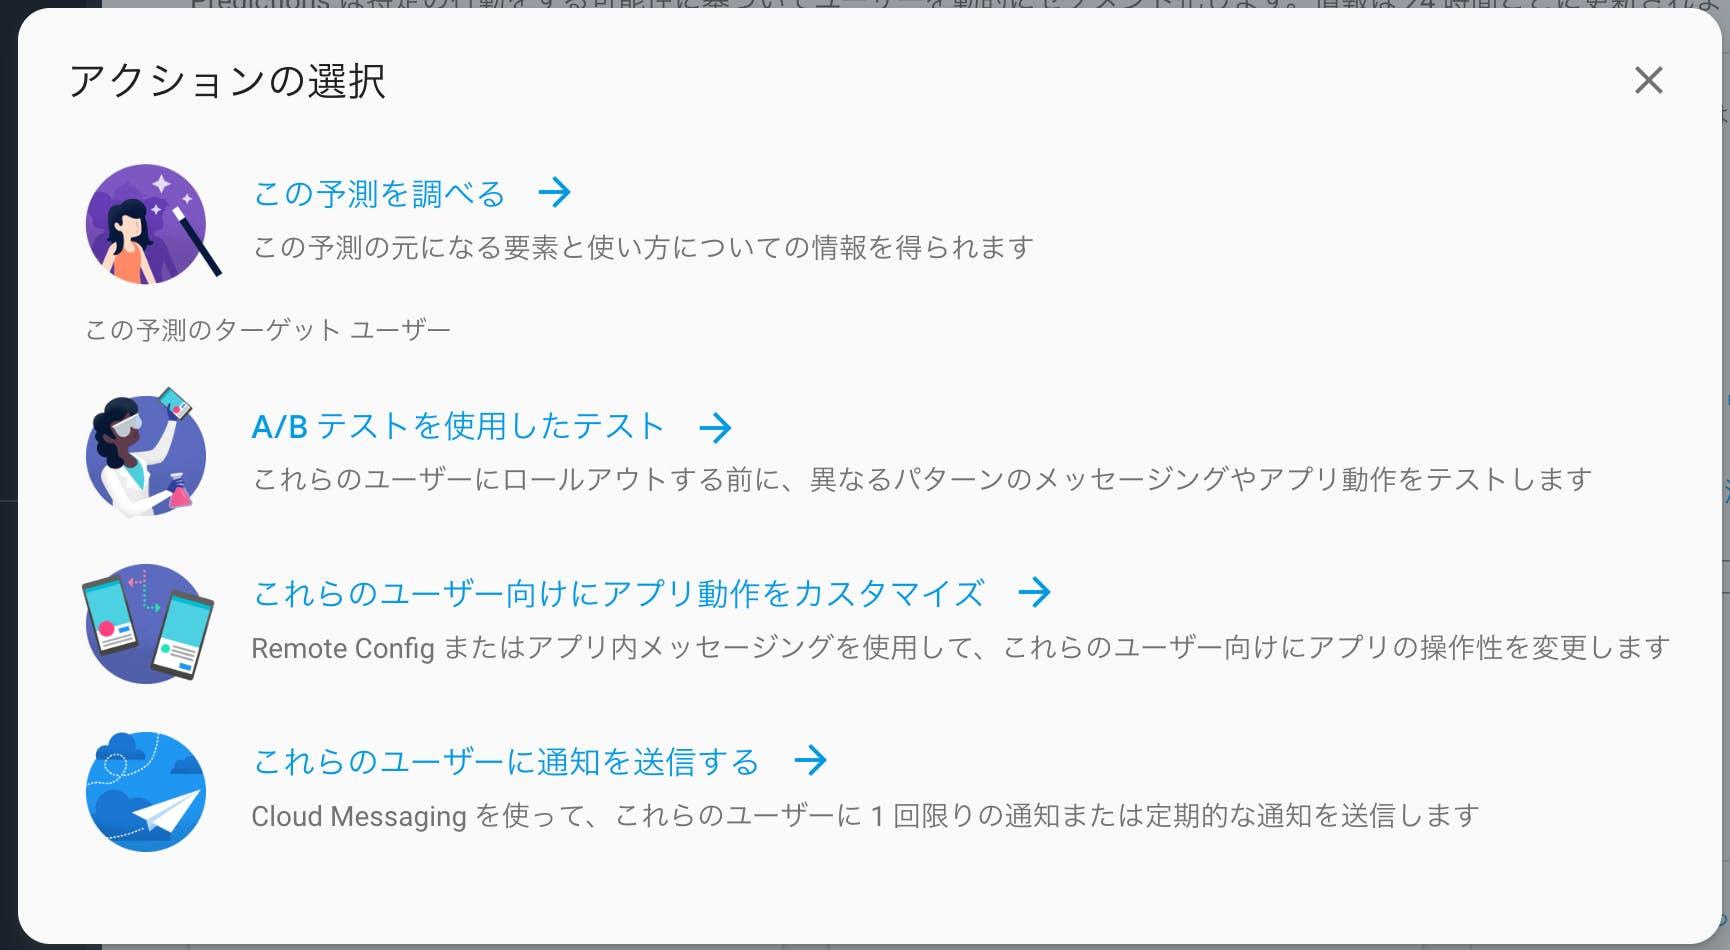 スクリーンショット 2018-11-04 12.58.20.png